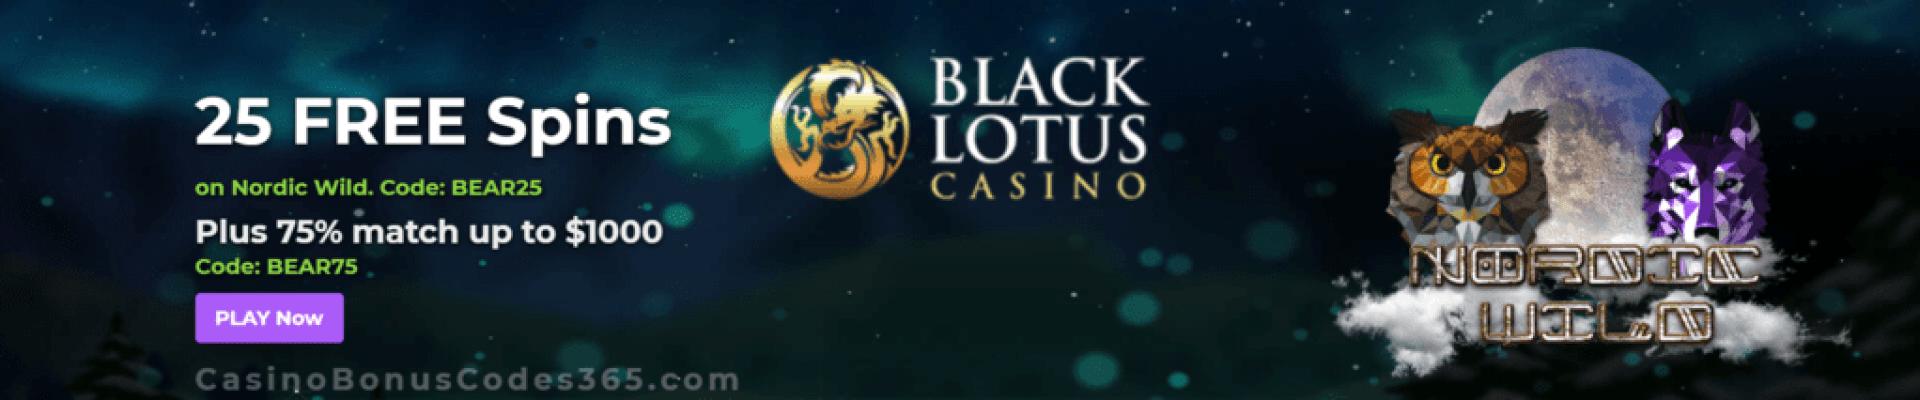 Black Lotus Casino 25 FREE Saucify Nordic Wild Spins plus 75% Bonus Special Promo